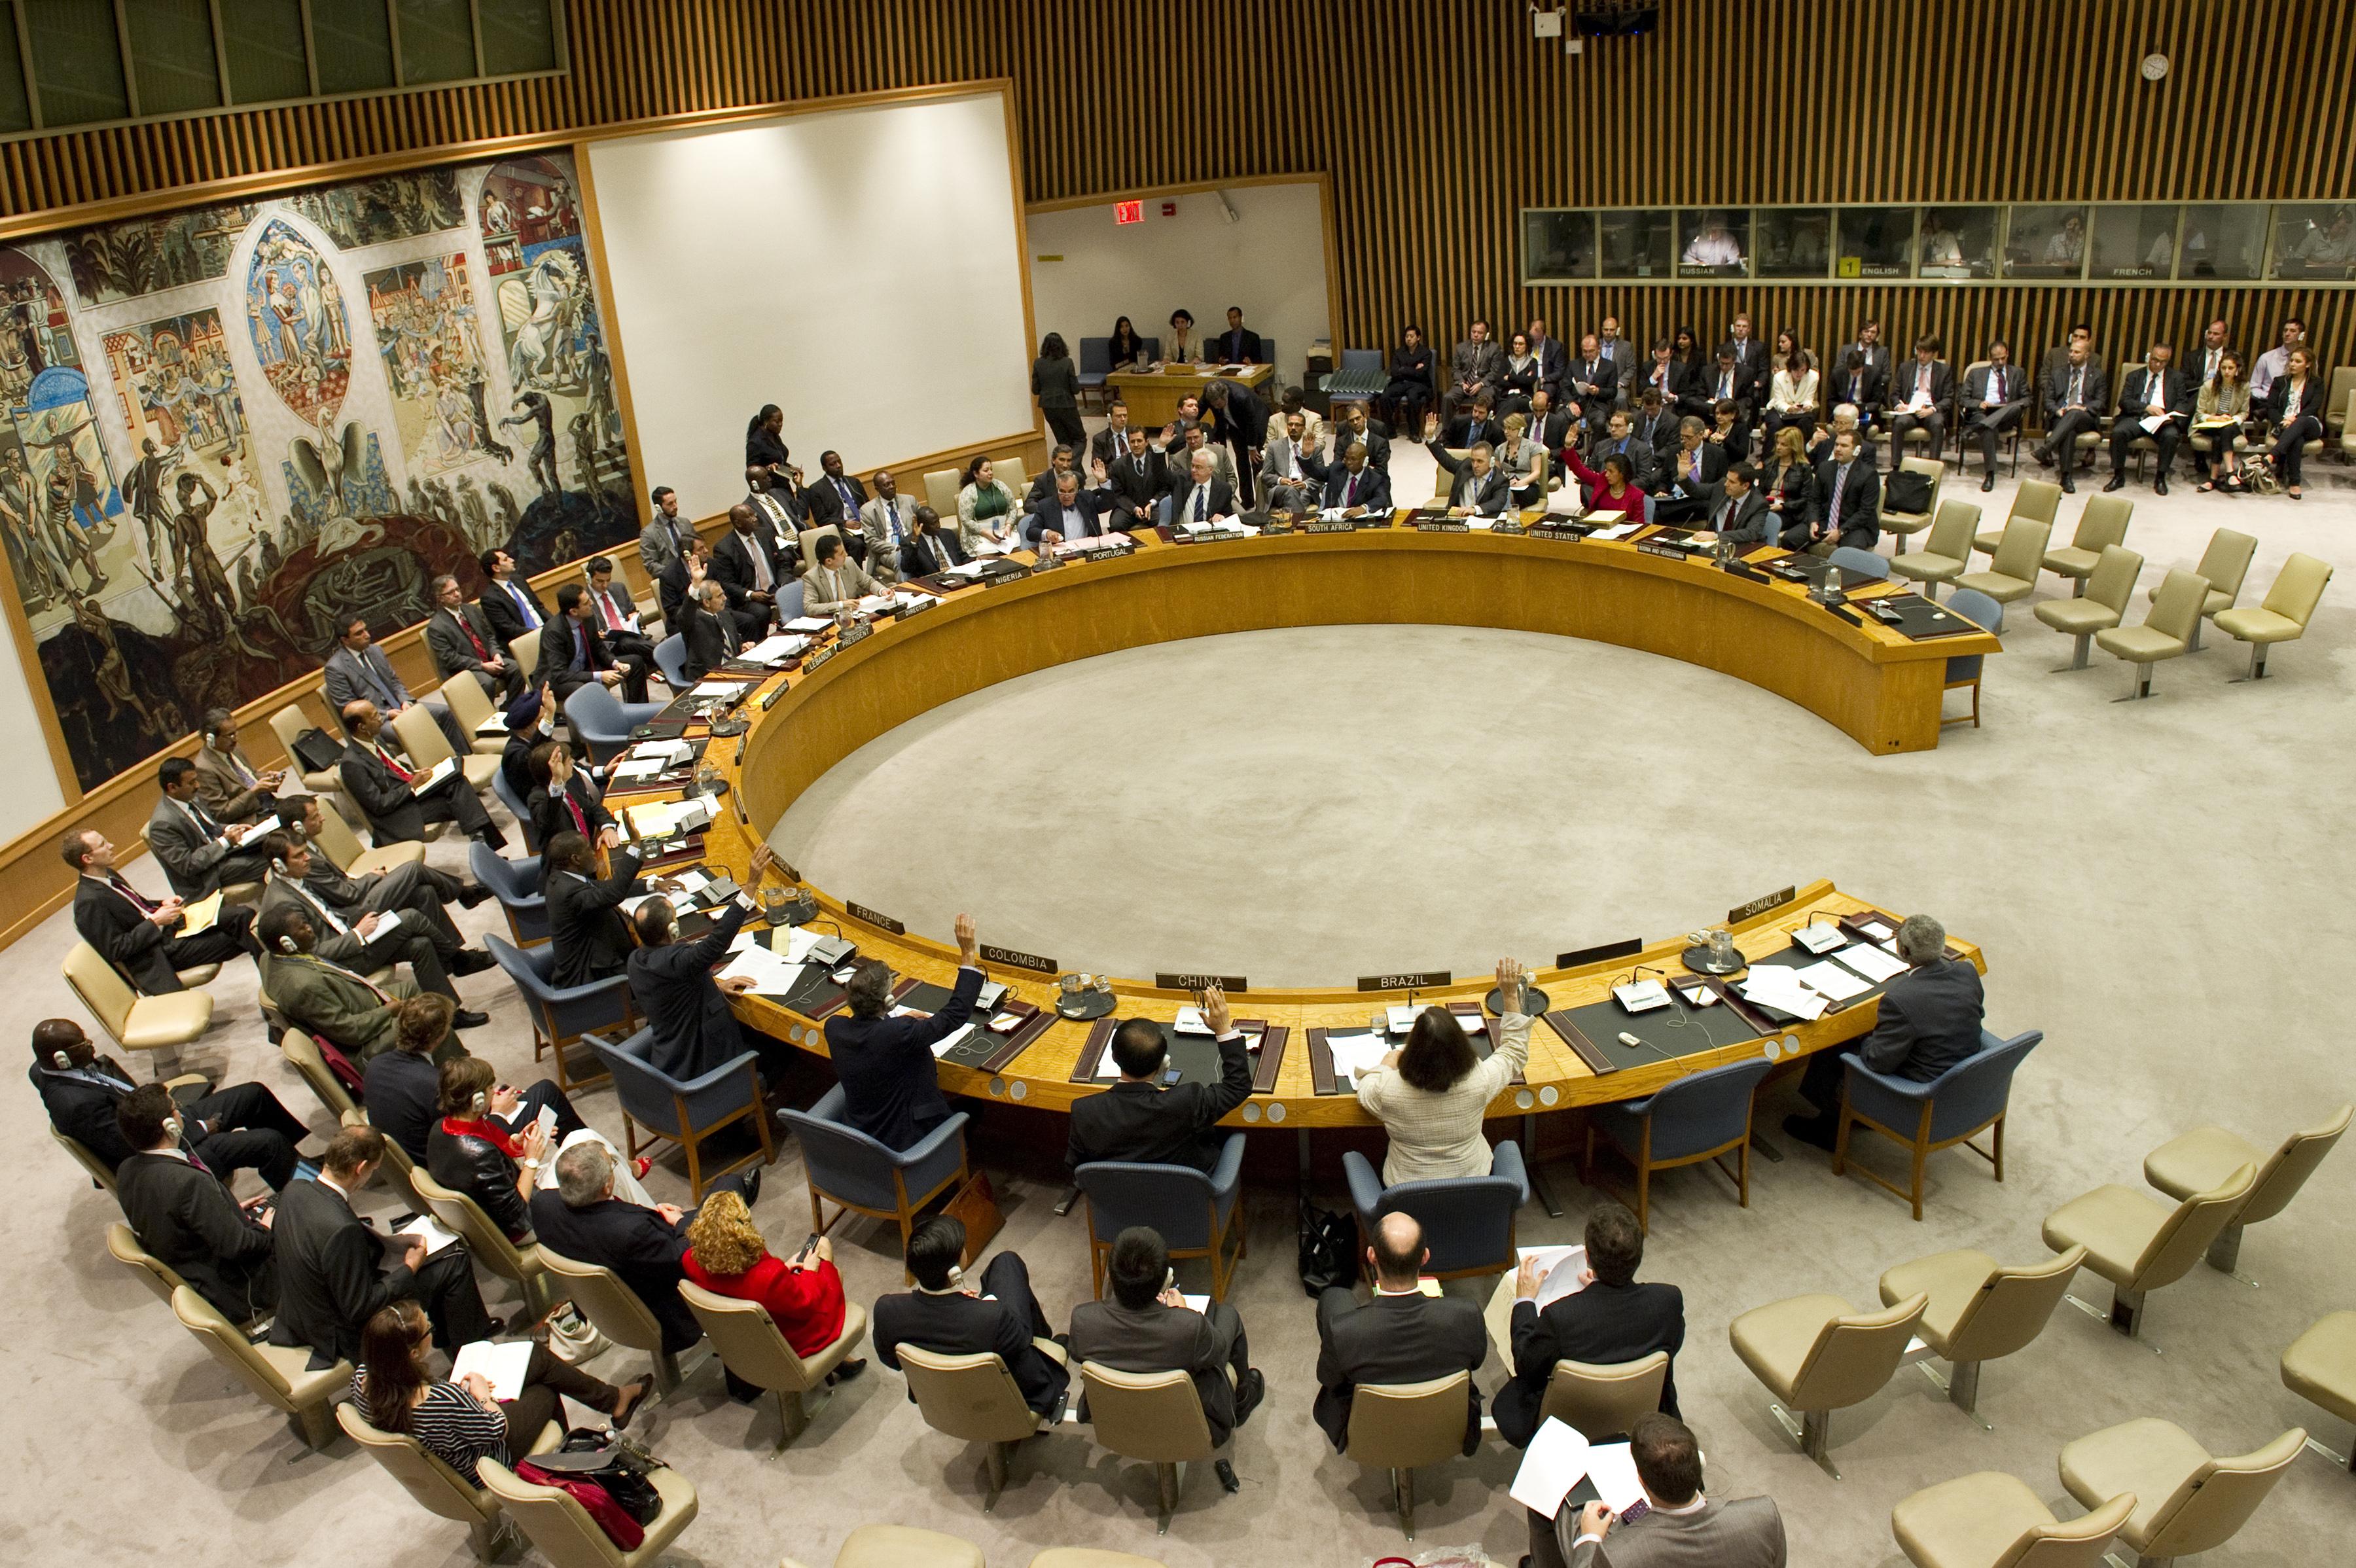 The Un Security Council Is It Bankrupt